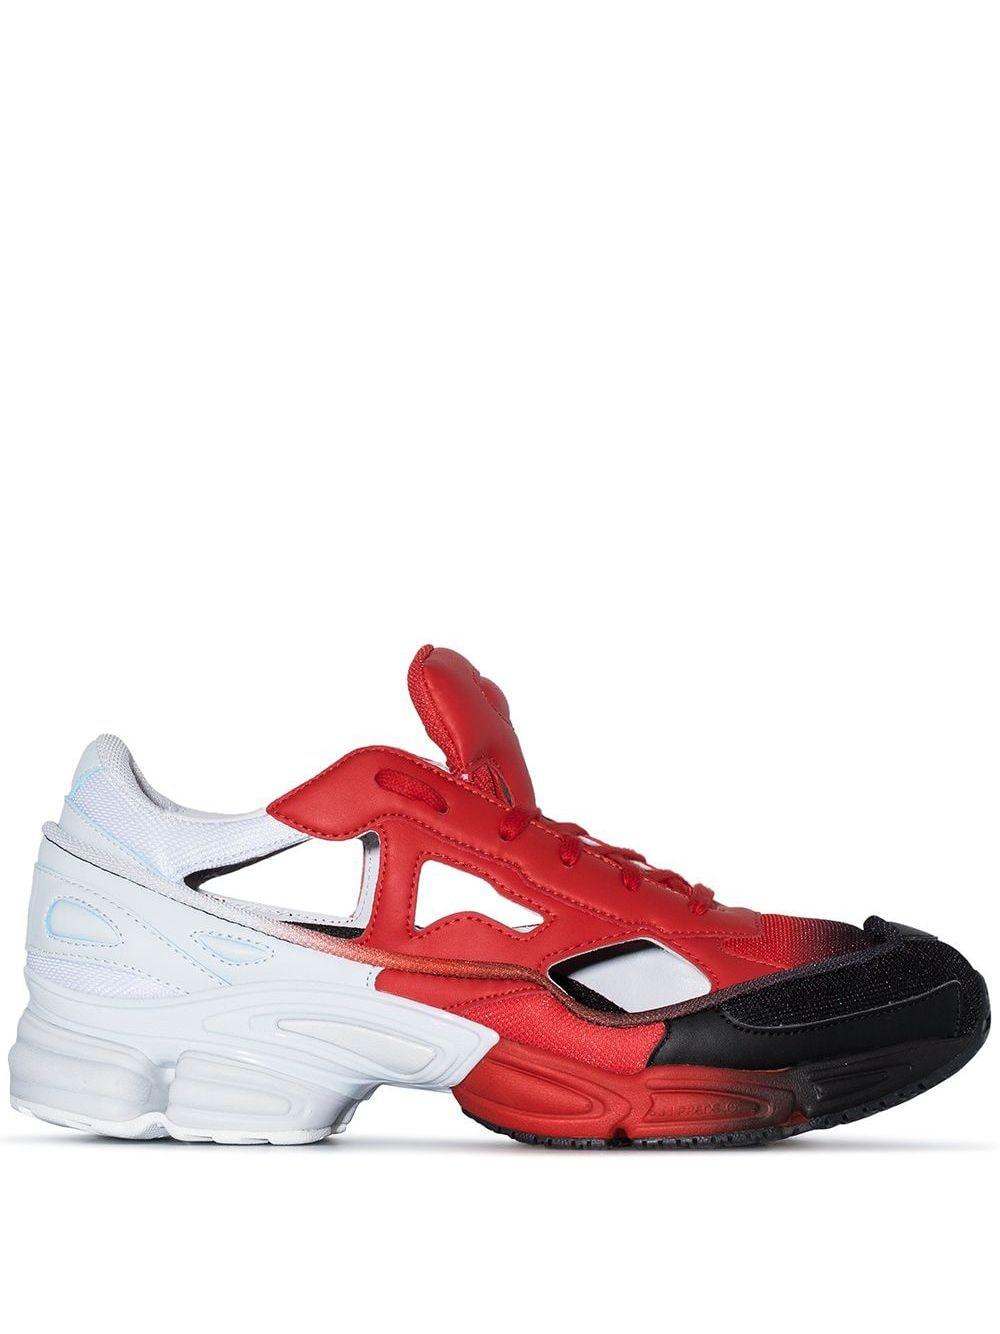 adidas by Raf Simons Adidas x Raf Simons 'Ozweego' Sneakers - Rot